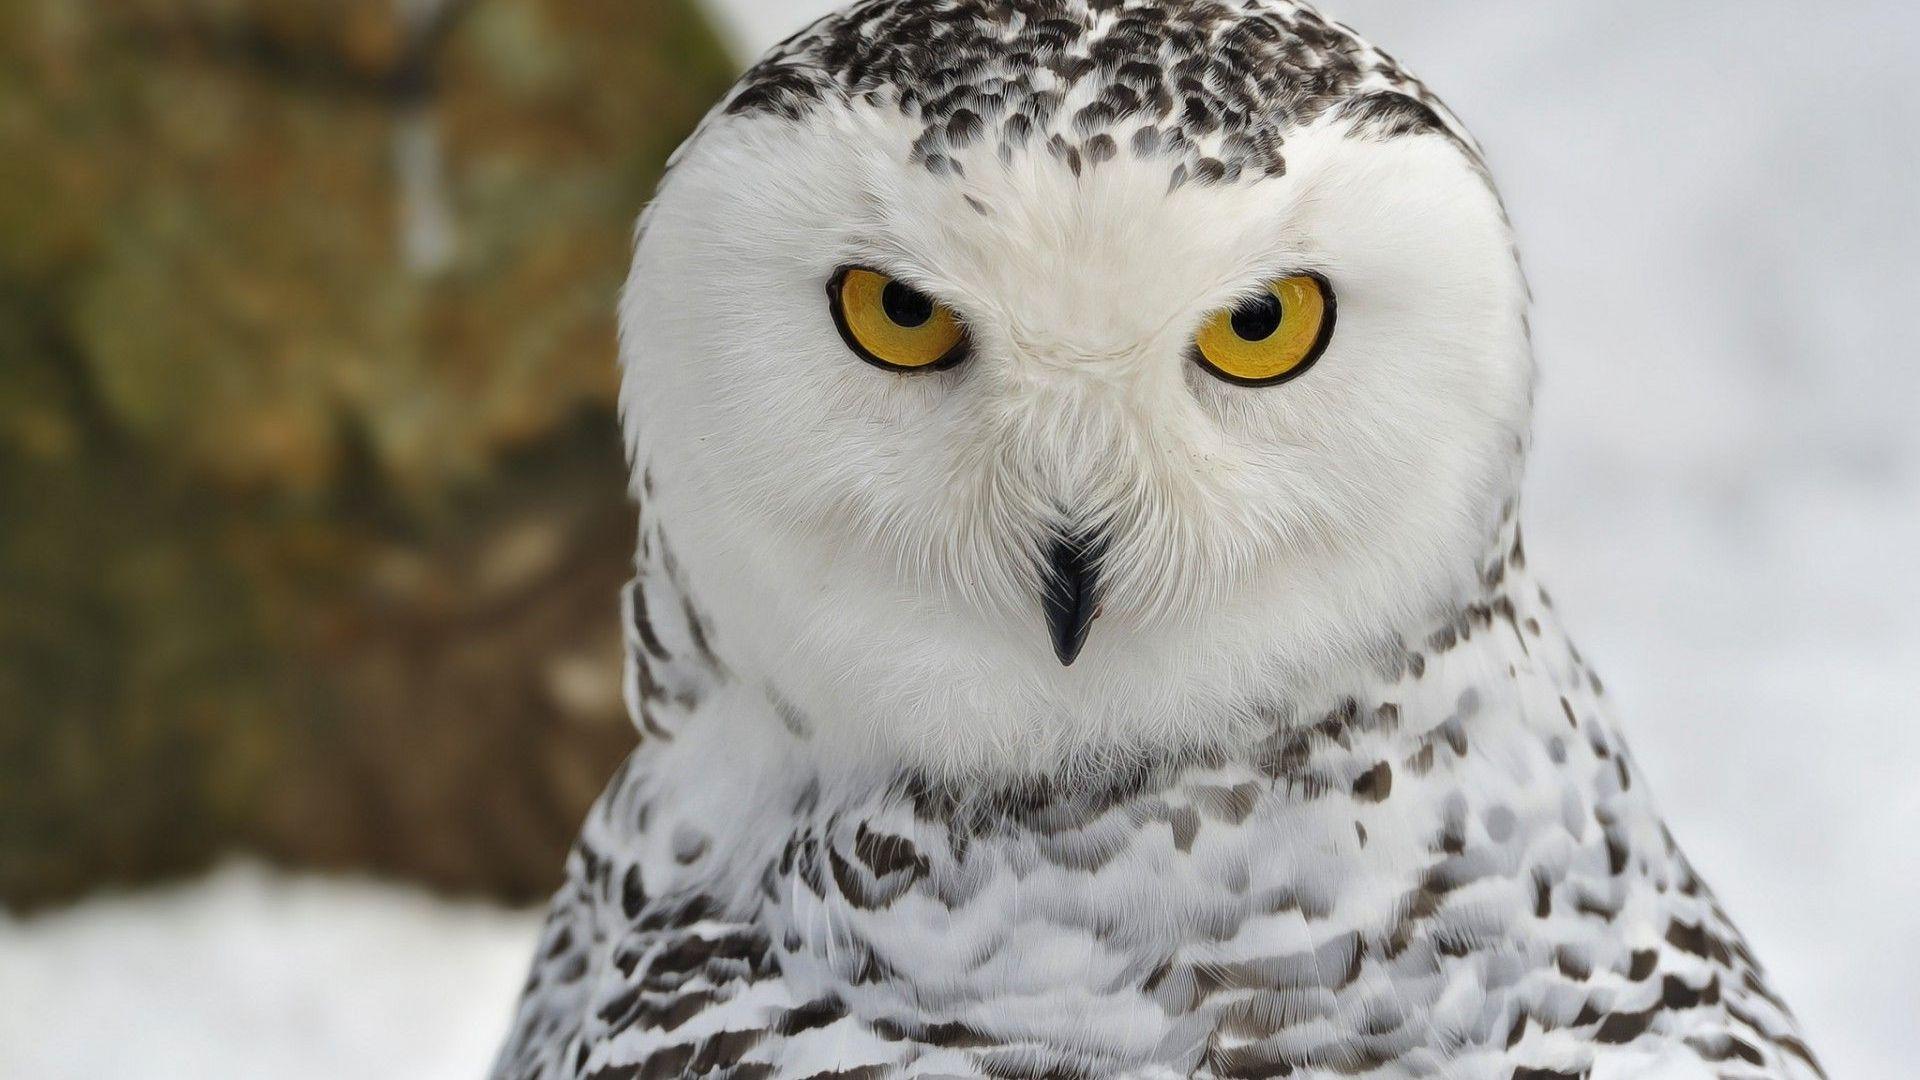 Black & White Owl Photos & wallpaper